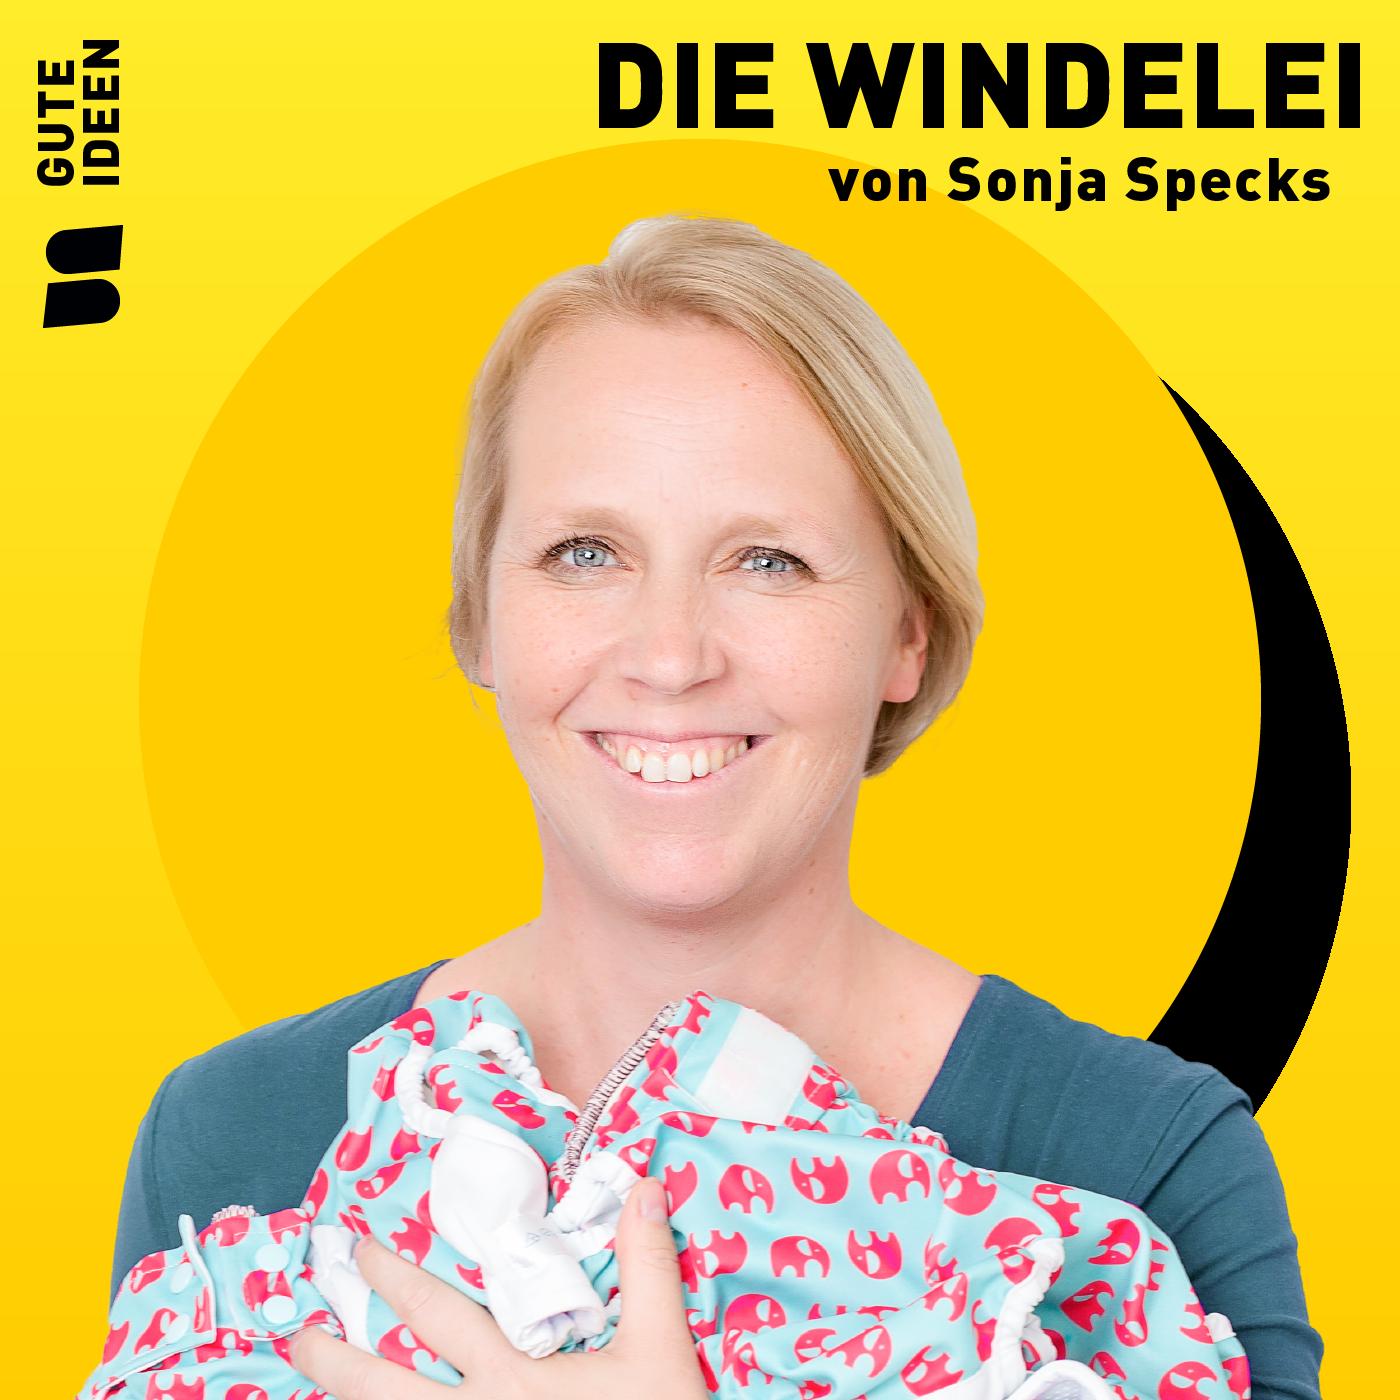 #25 Windelei: Warum haben Babys ein Nachhaltigkeitsproblem?